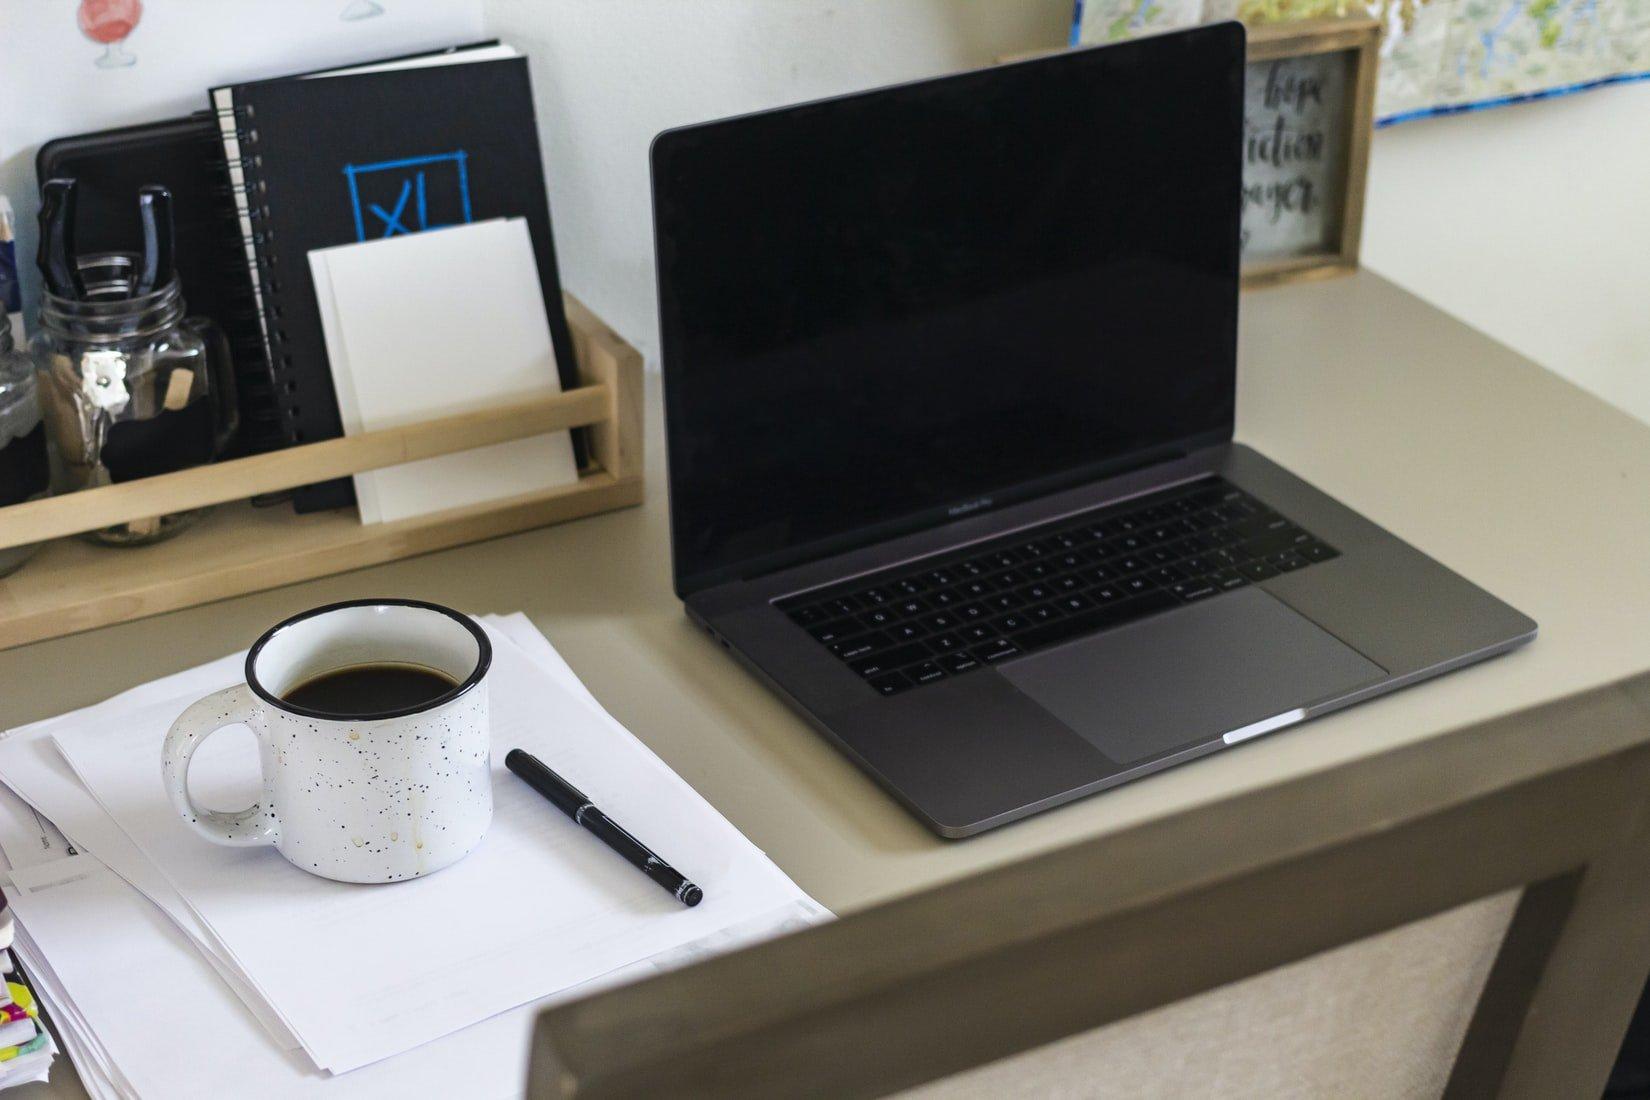 ¿Cómo comprar un portátil para trabajar y jugar dentro mi presupuesto?